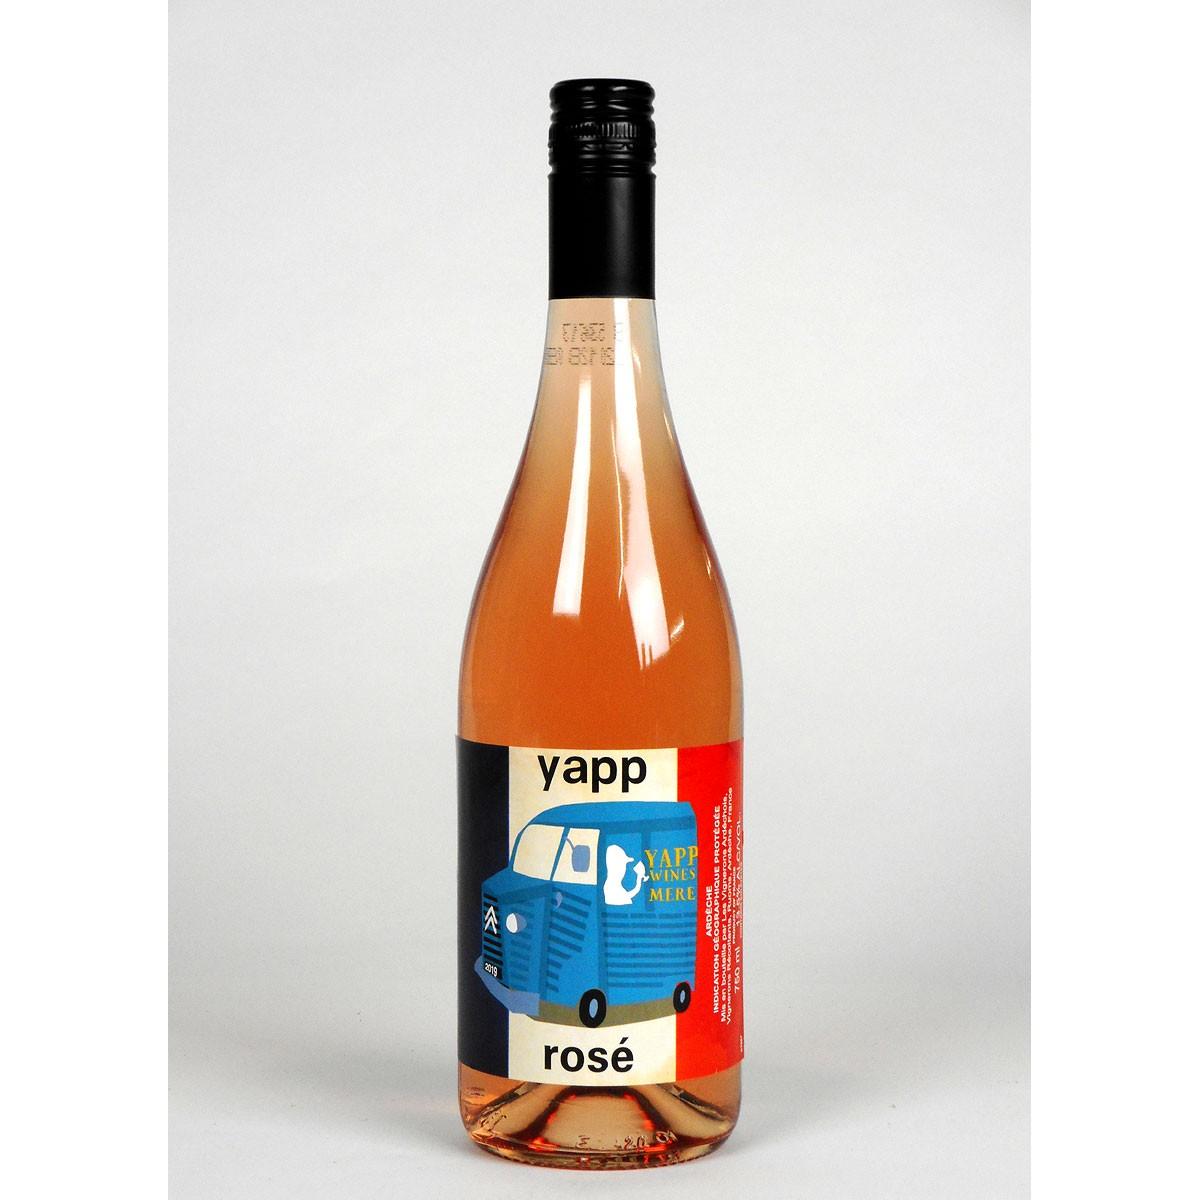 Yapp Rosé 2019 - Bottle